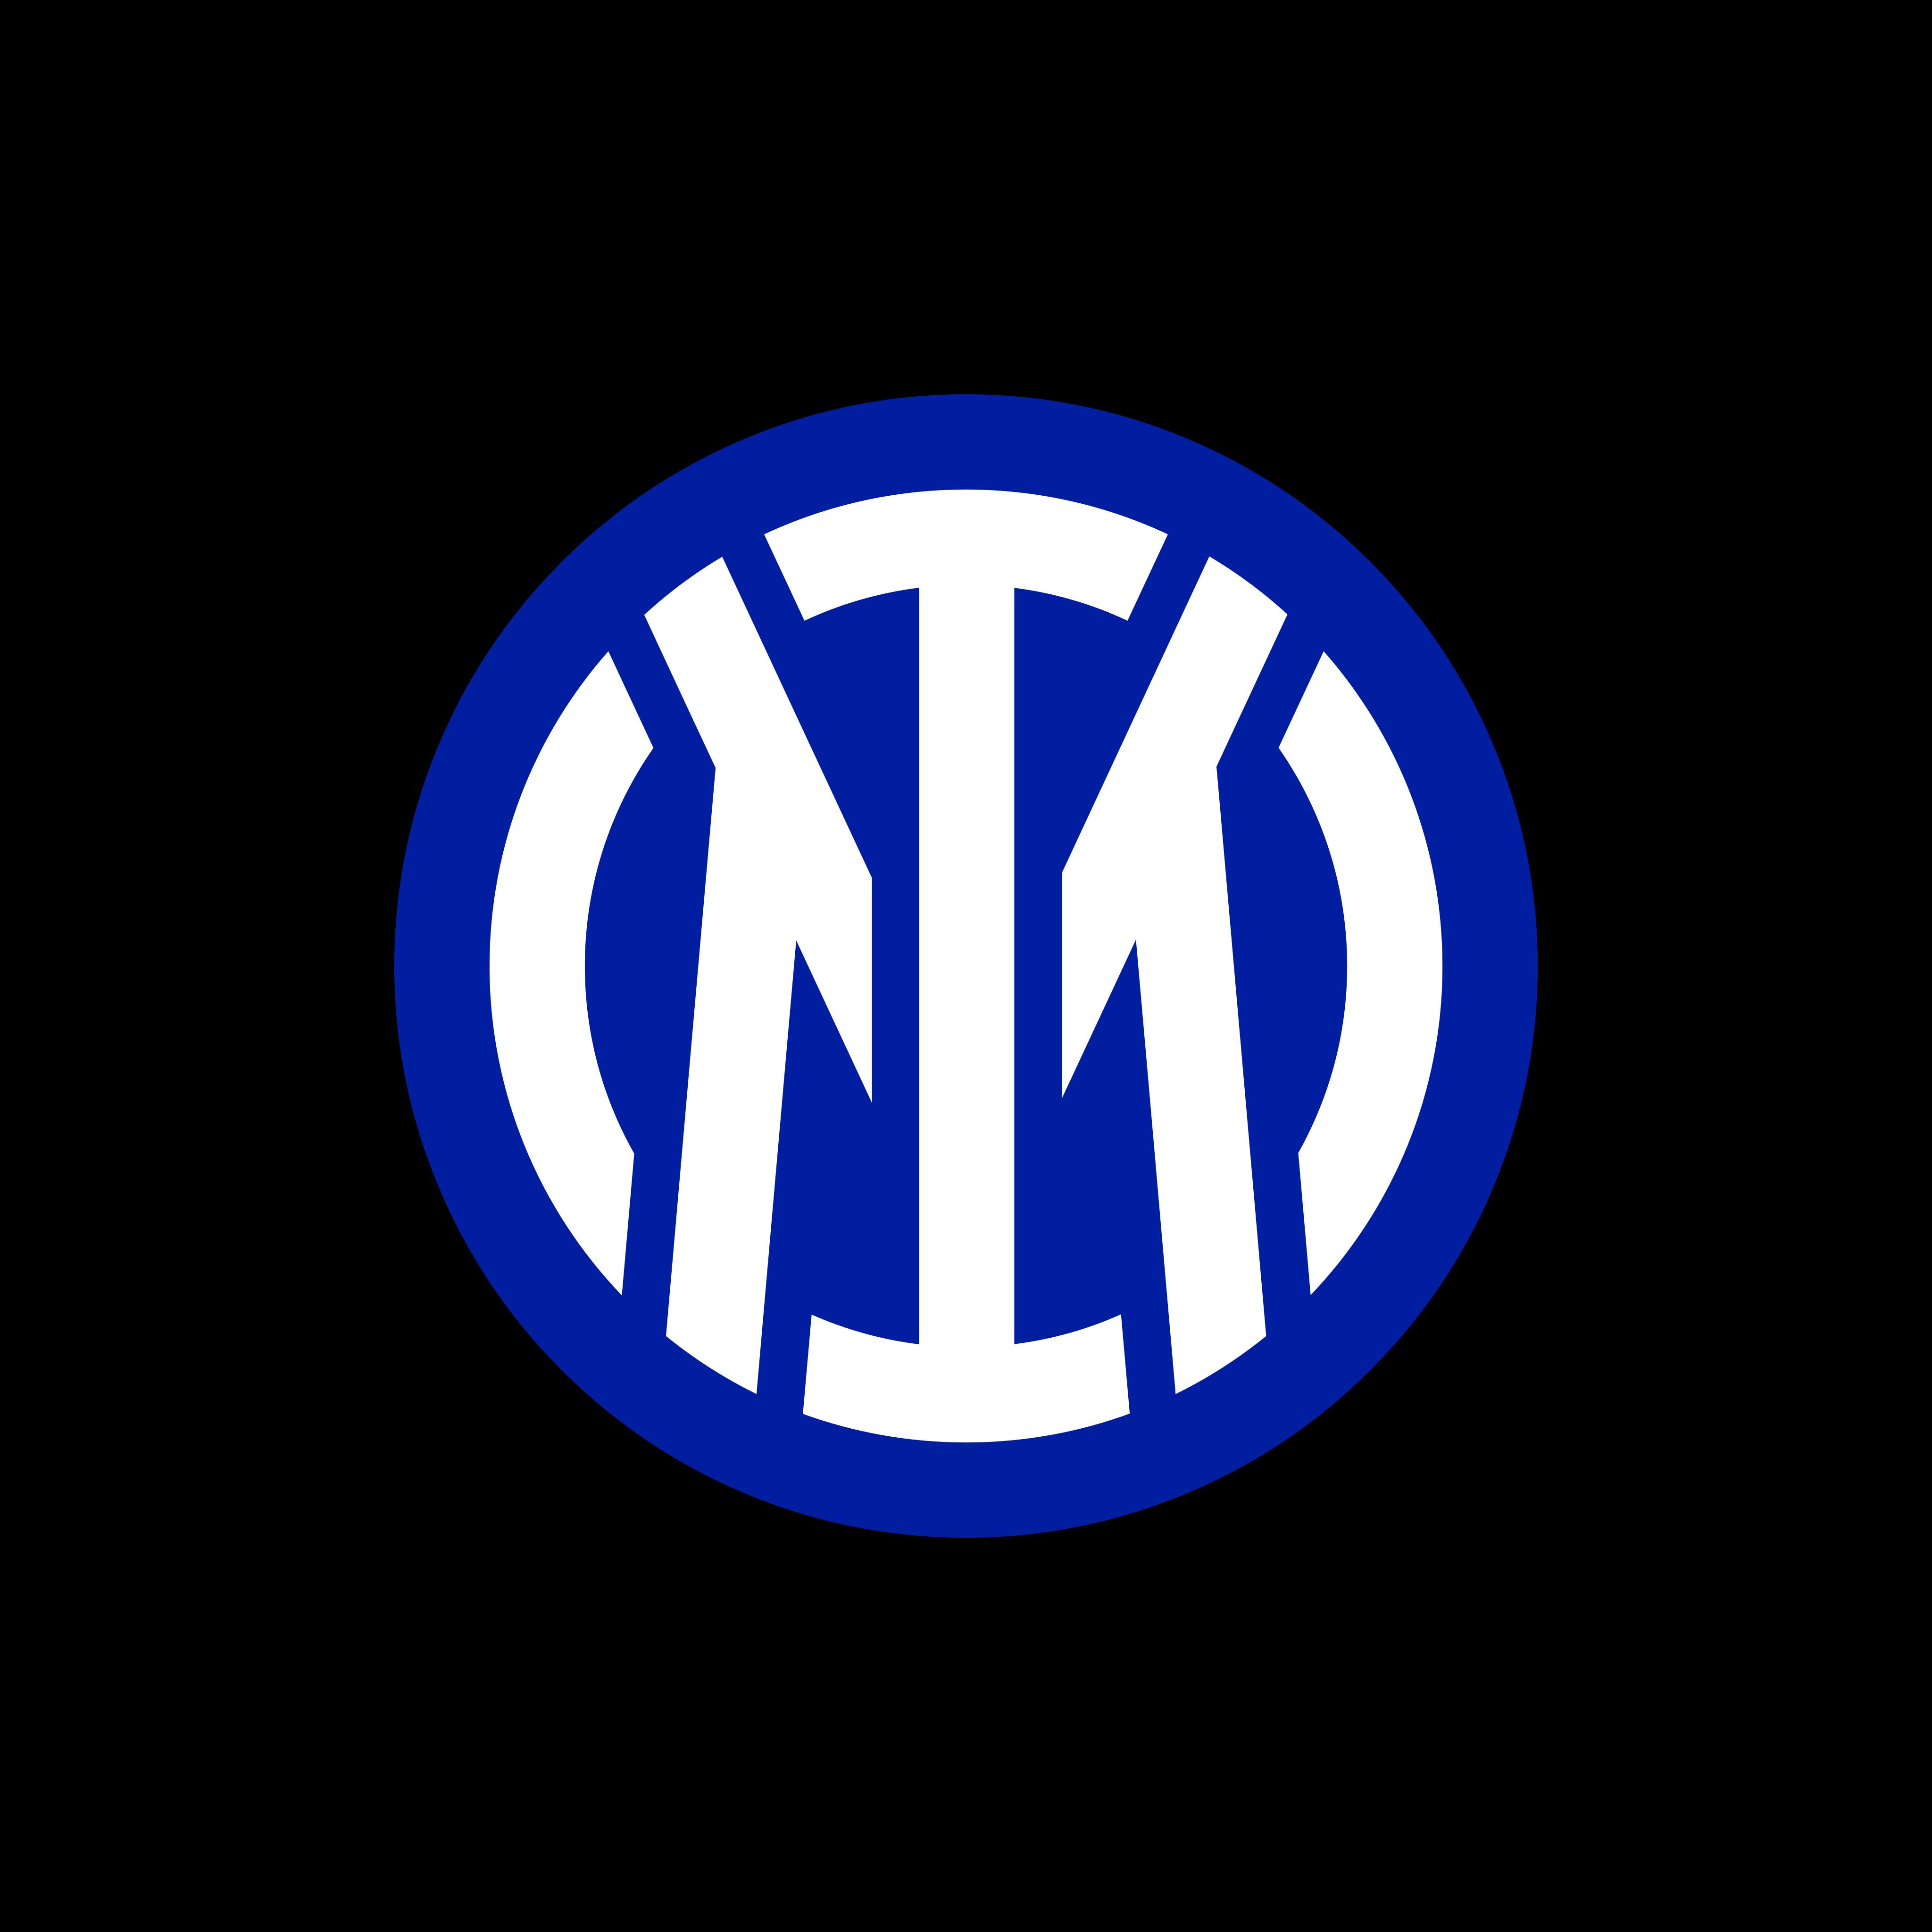 inter milan logo 0 - Inter Milan - Internazionale Logo